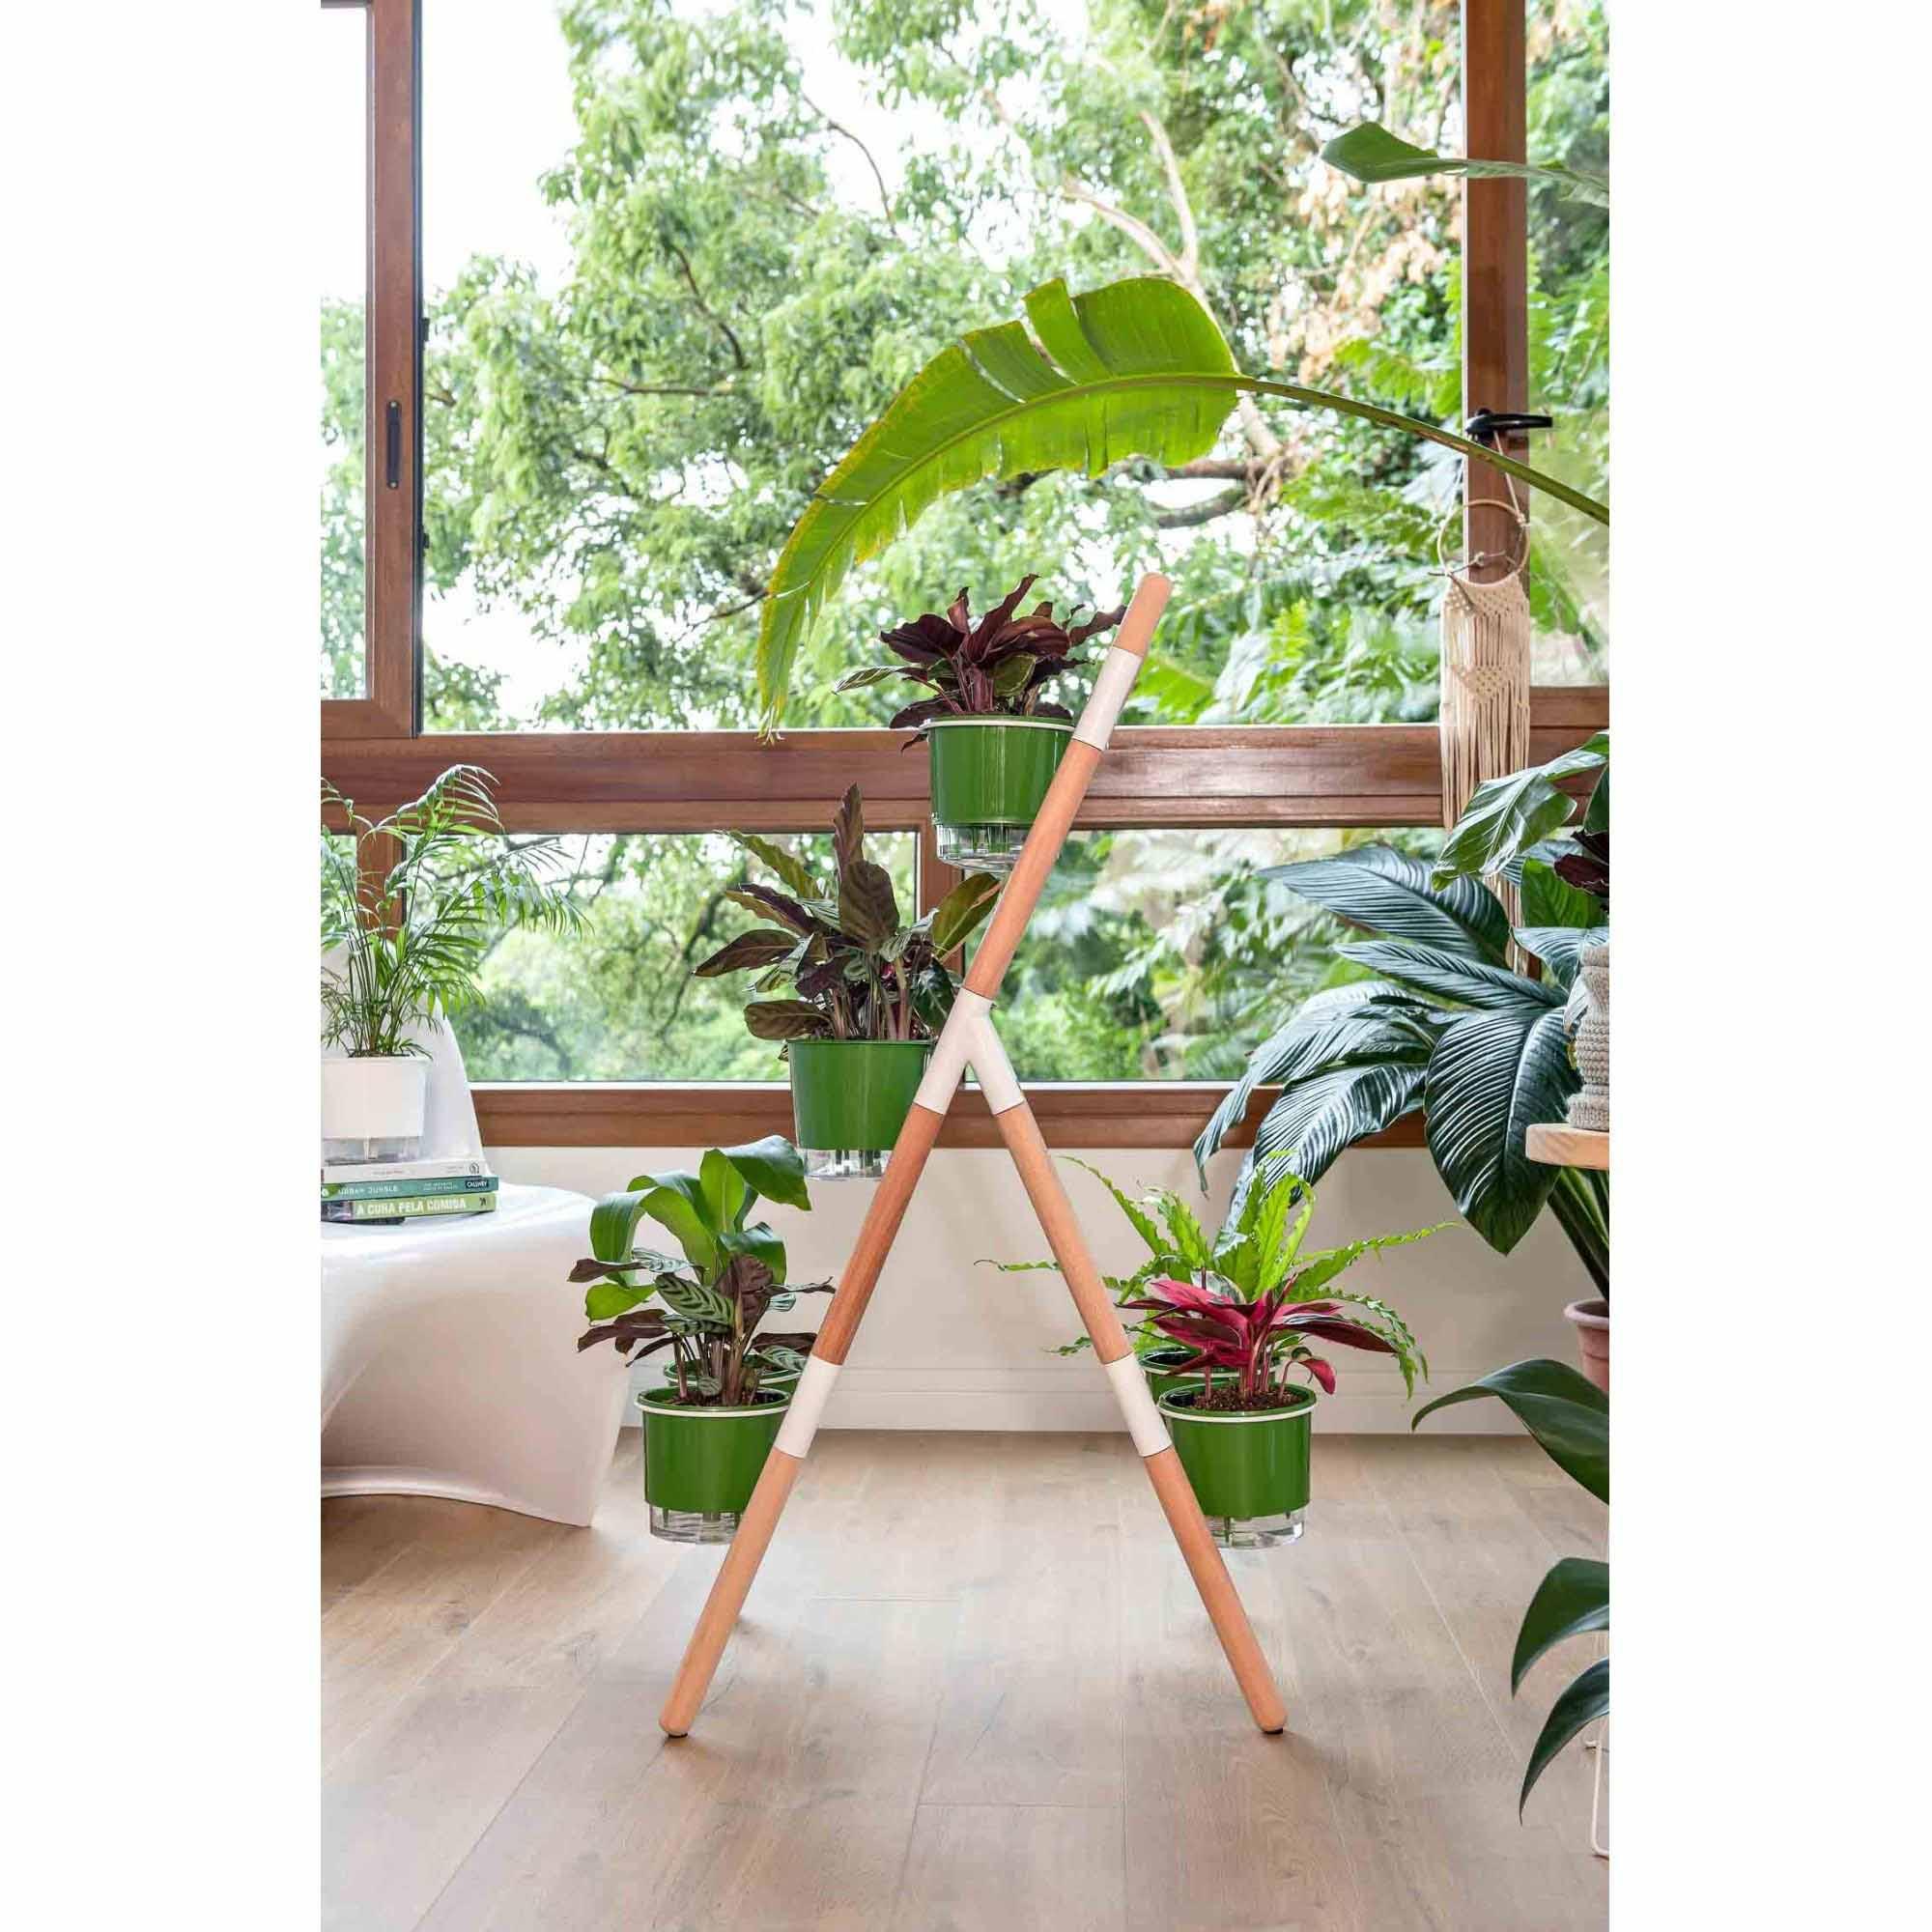 Kit Horta Vertical Escada Eleve Raiz 3 Níveis Branco e Verde